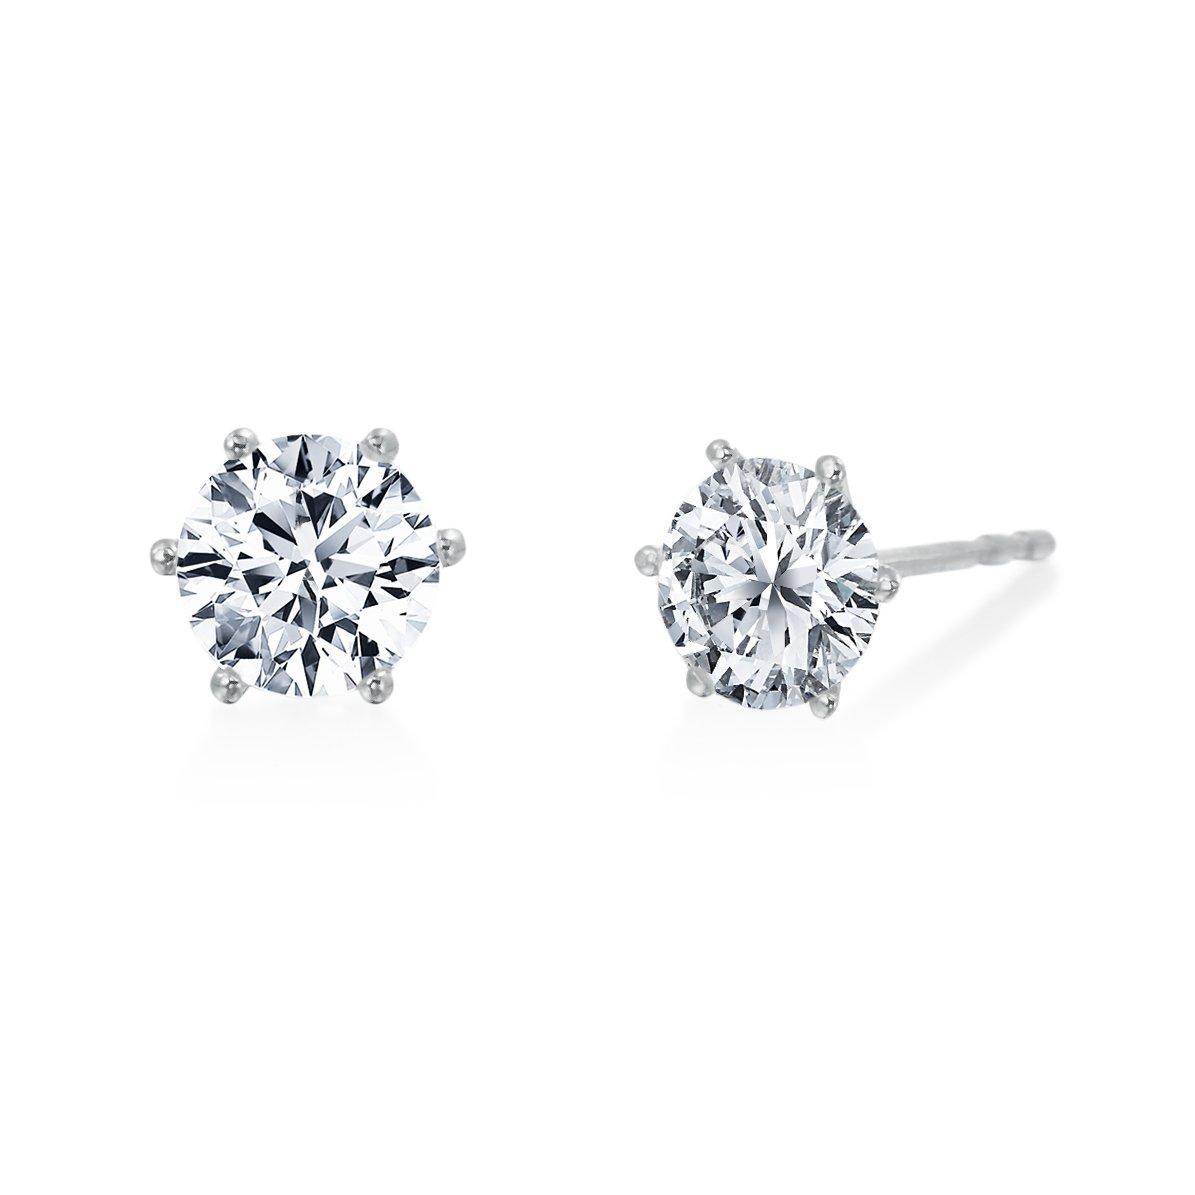 Diamant Ohrringe Juwelier Krebber Mönchengladbach Diamantschmuck